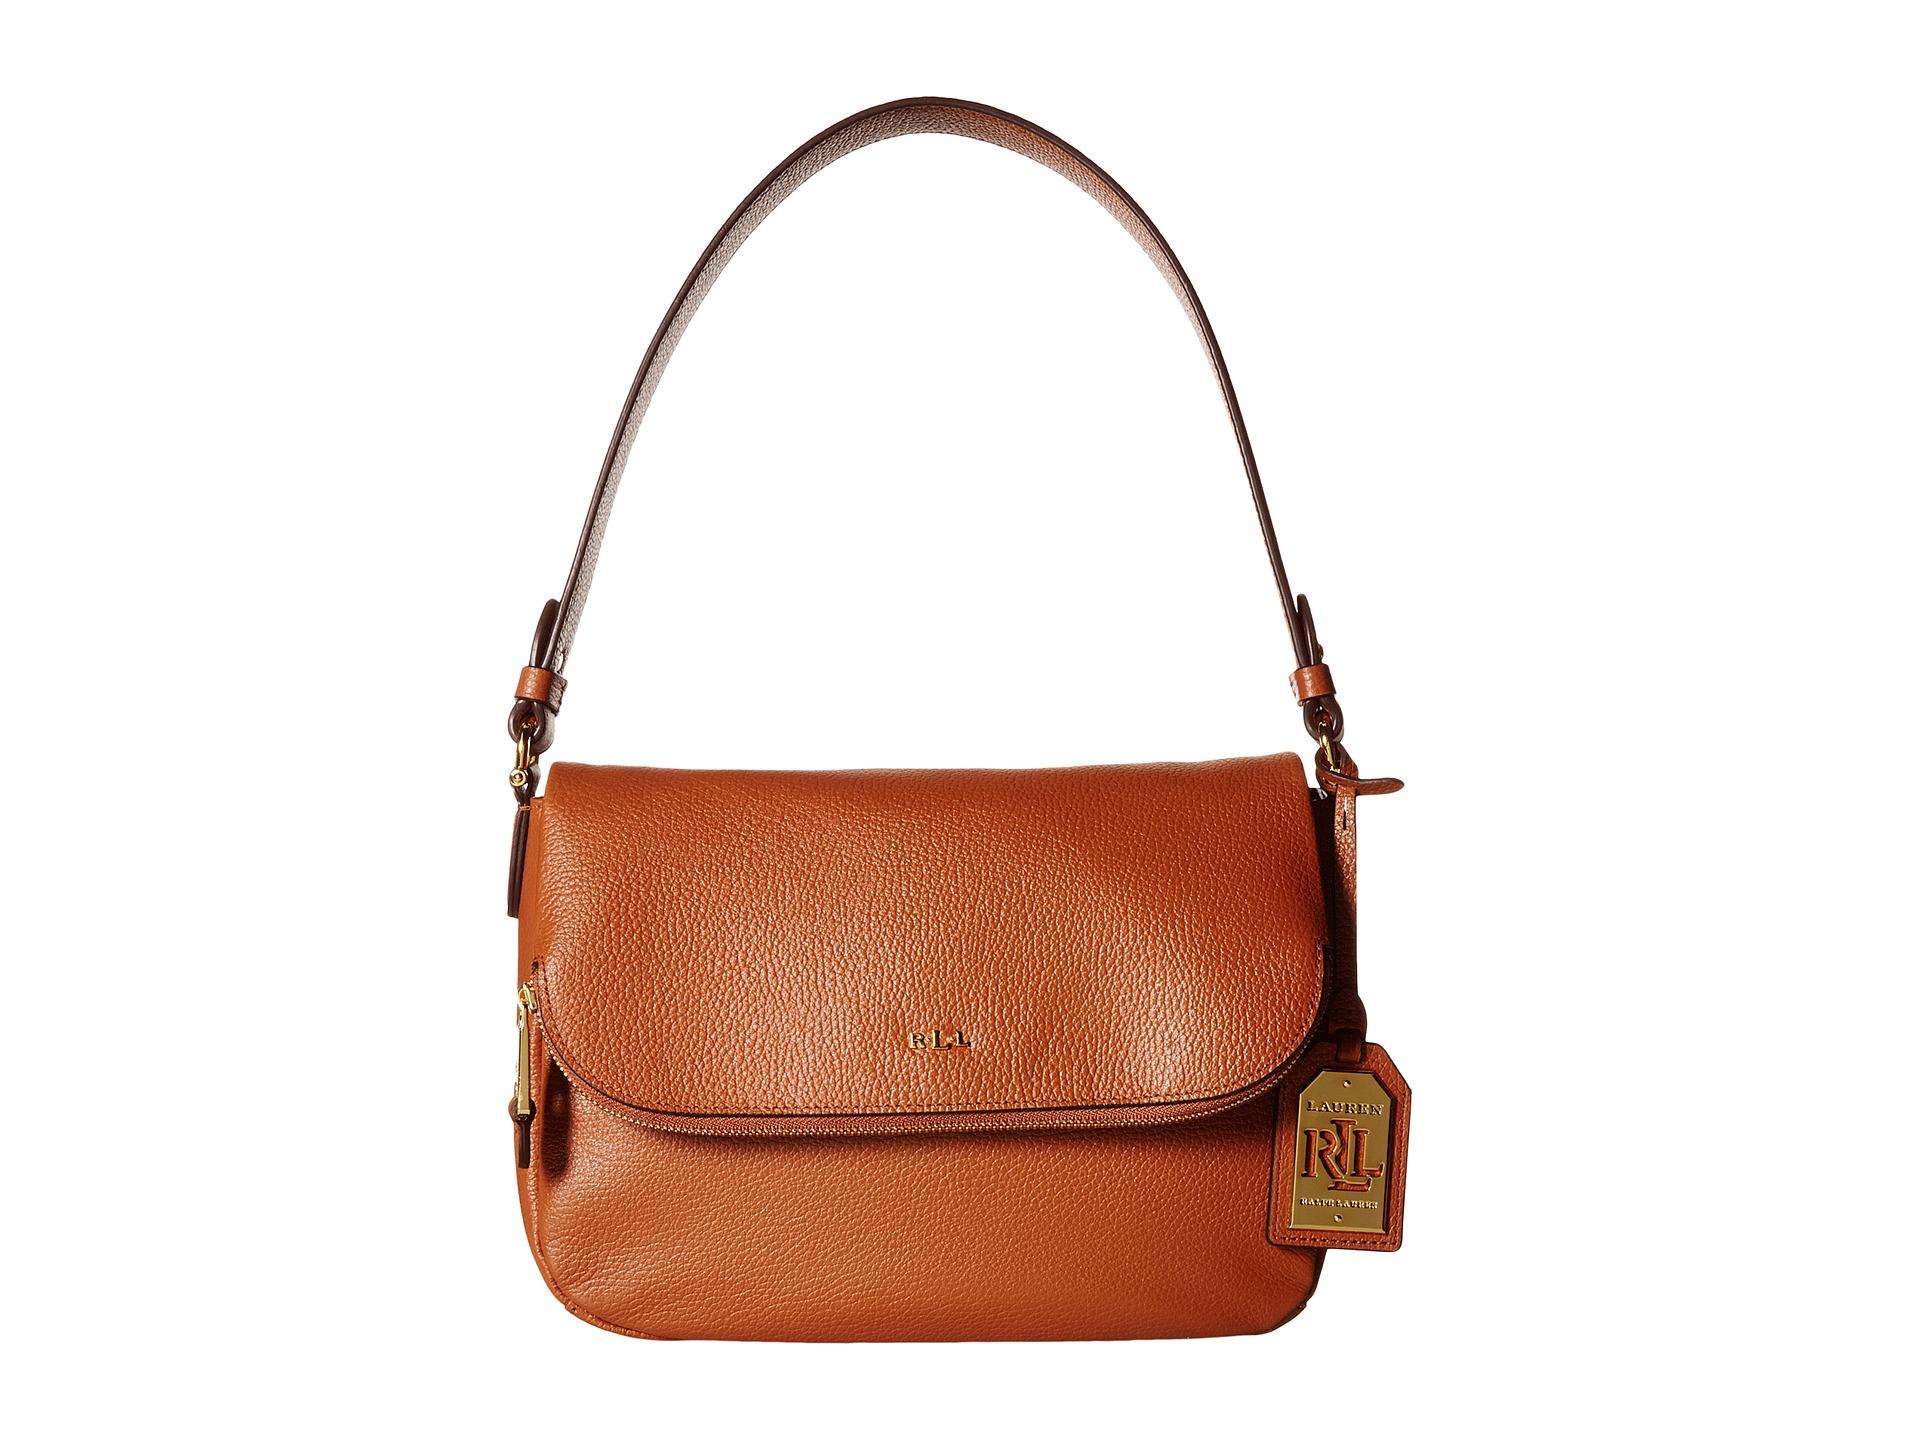 Lyst - Lauren By Ralph Lauren Harrington Shoulder Bag in Brown 594bc9001be3c